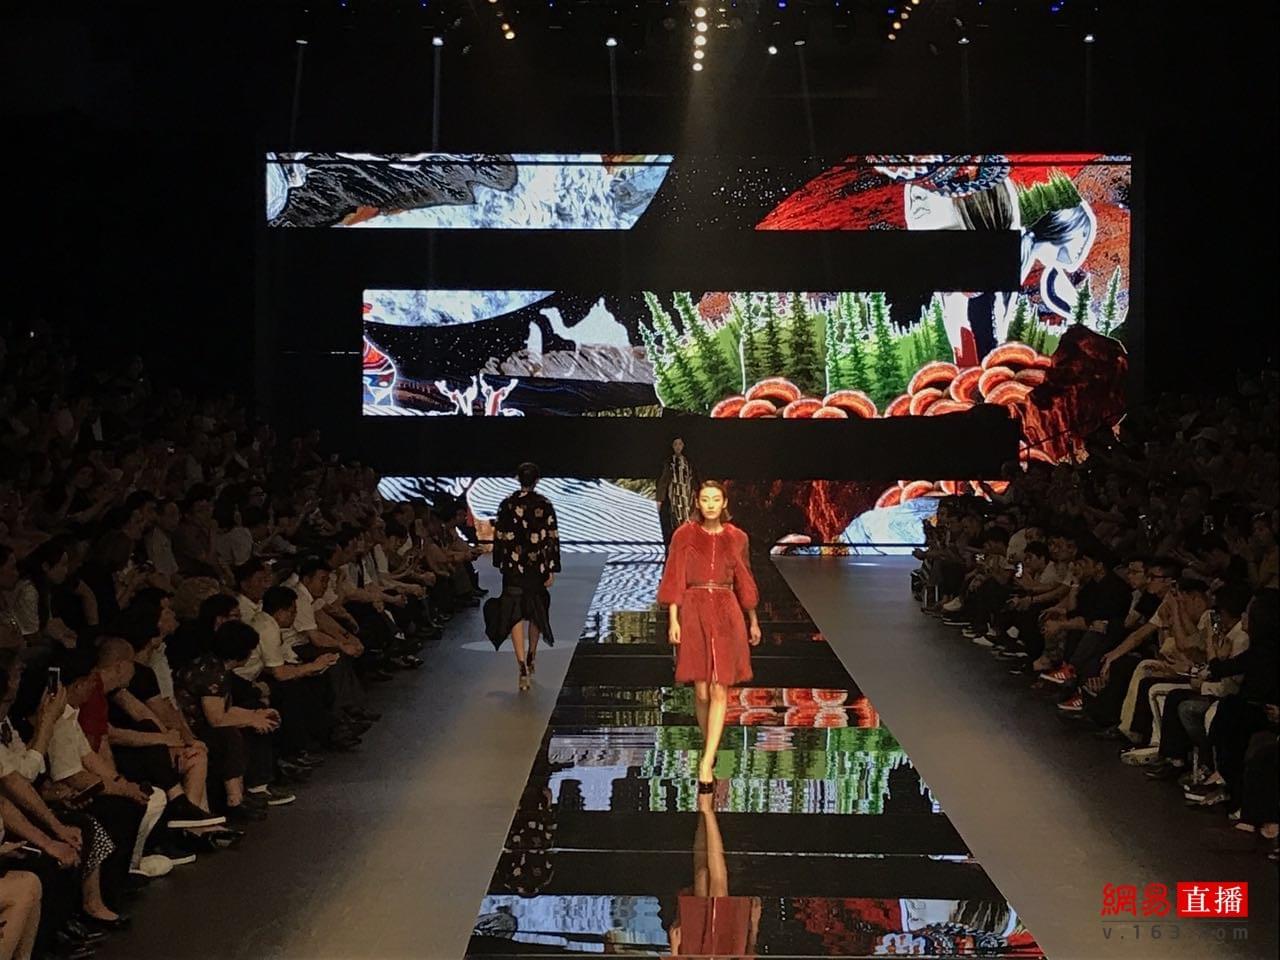 皮革时装周启幕,探寻裘皮服装流行大趋势